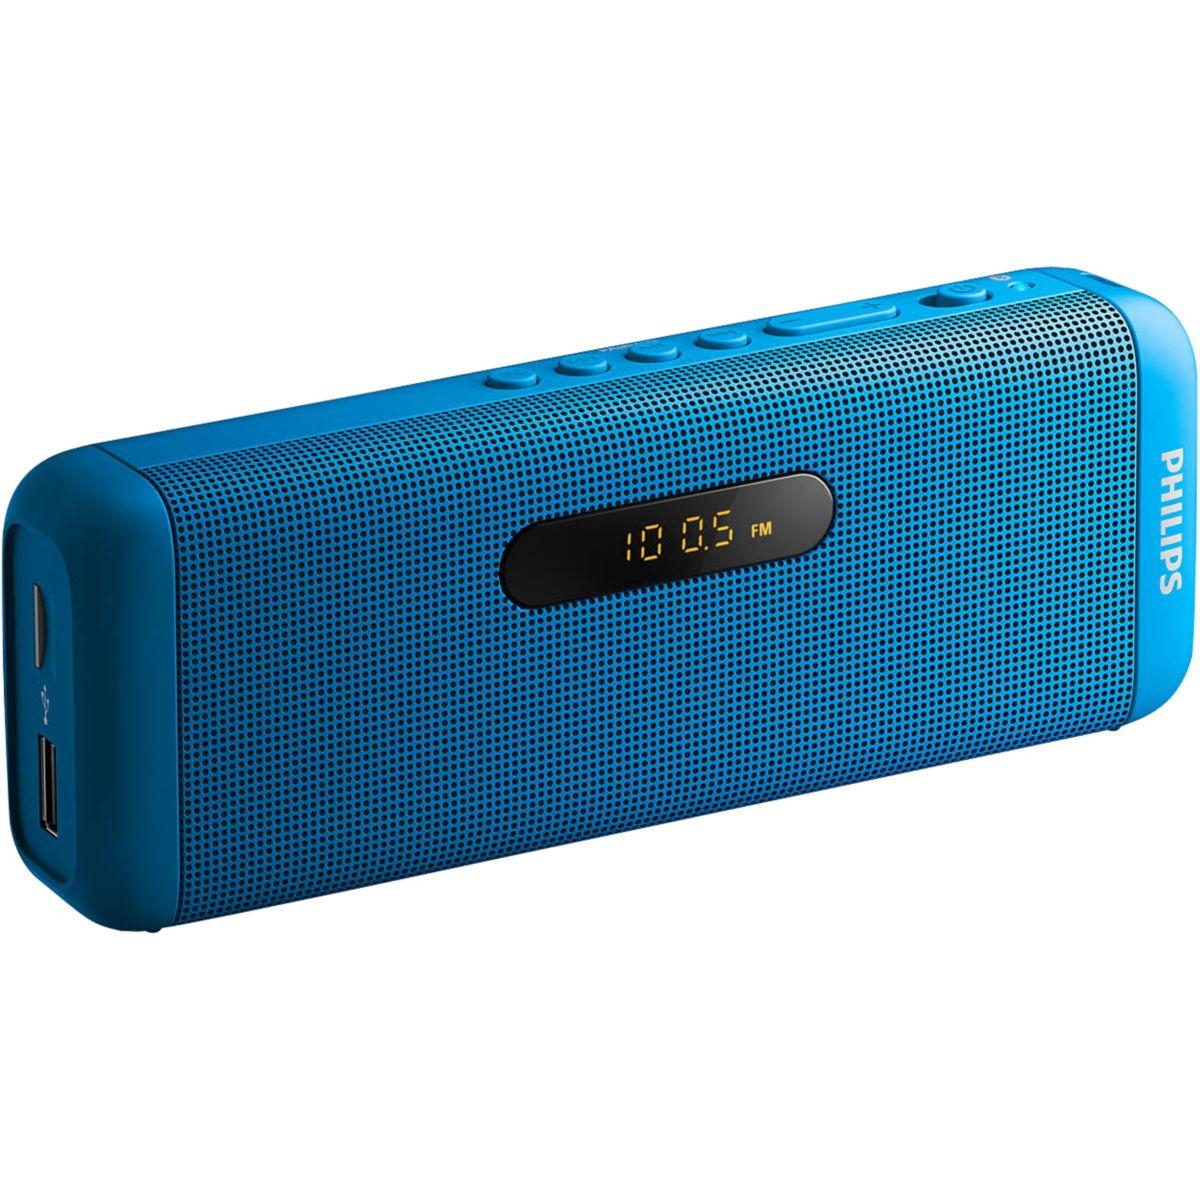 Radio analogique philips sd700 bleu - 15% de remise imm�diate avec le code : fete15 (photo)